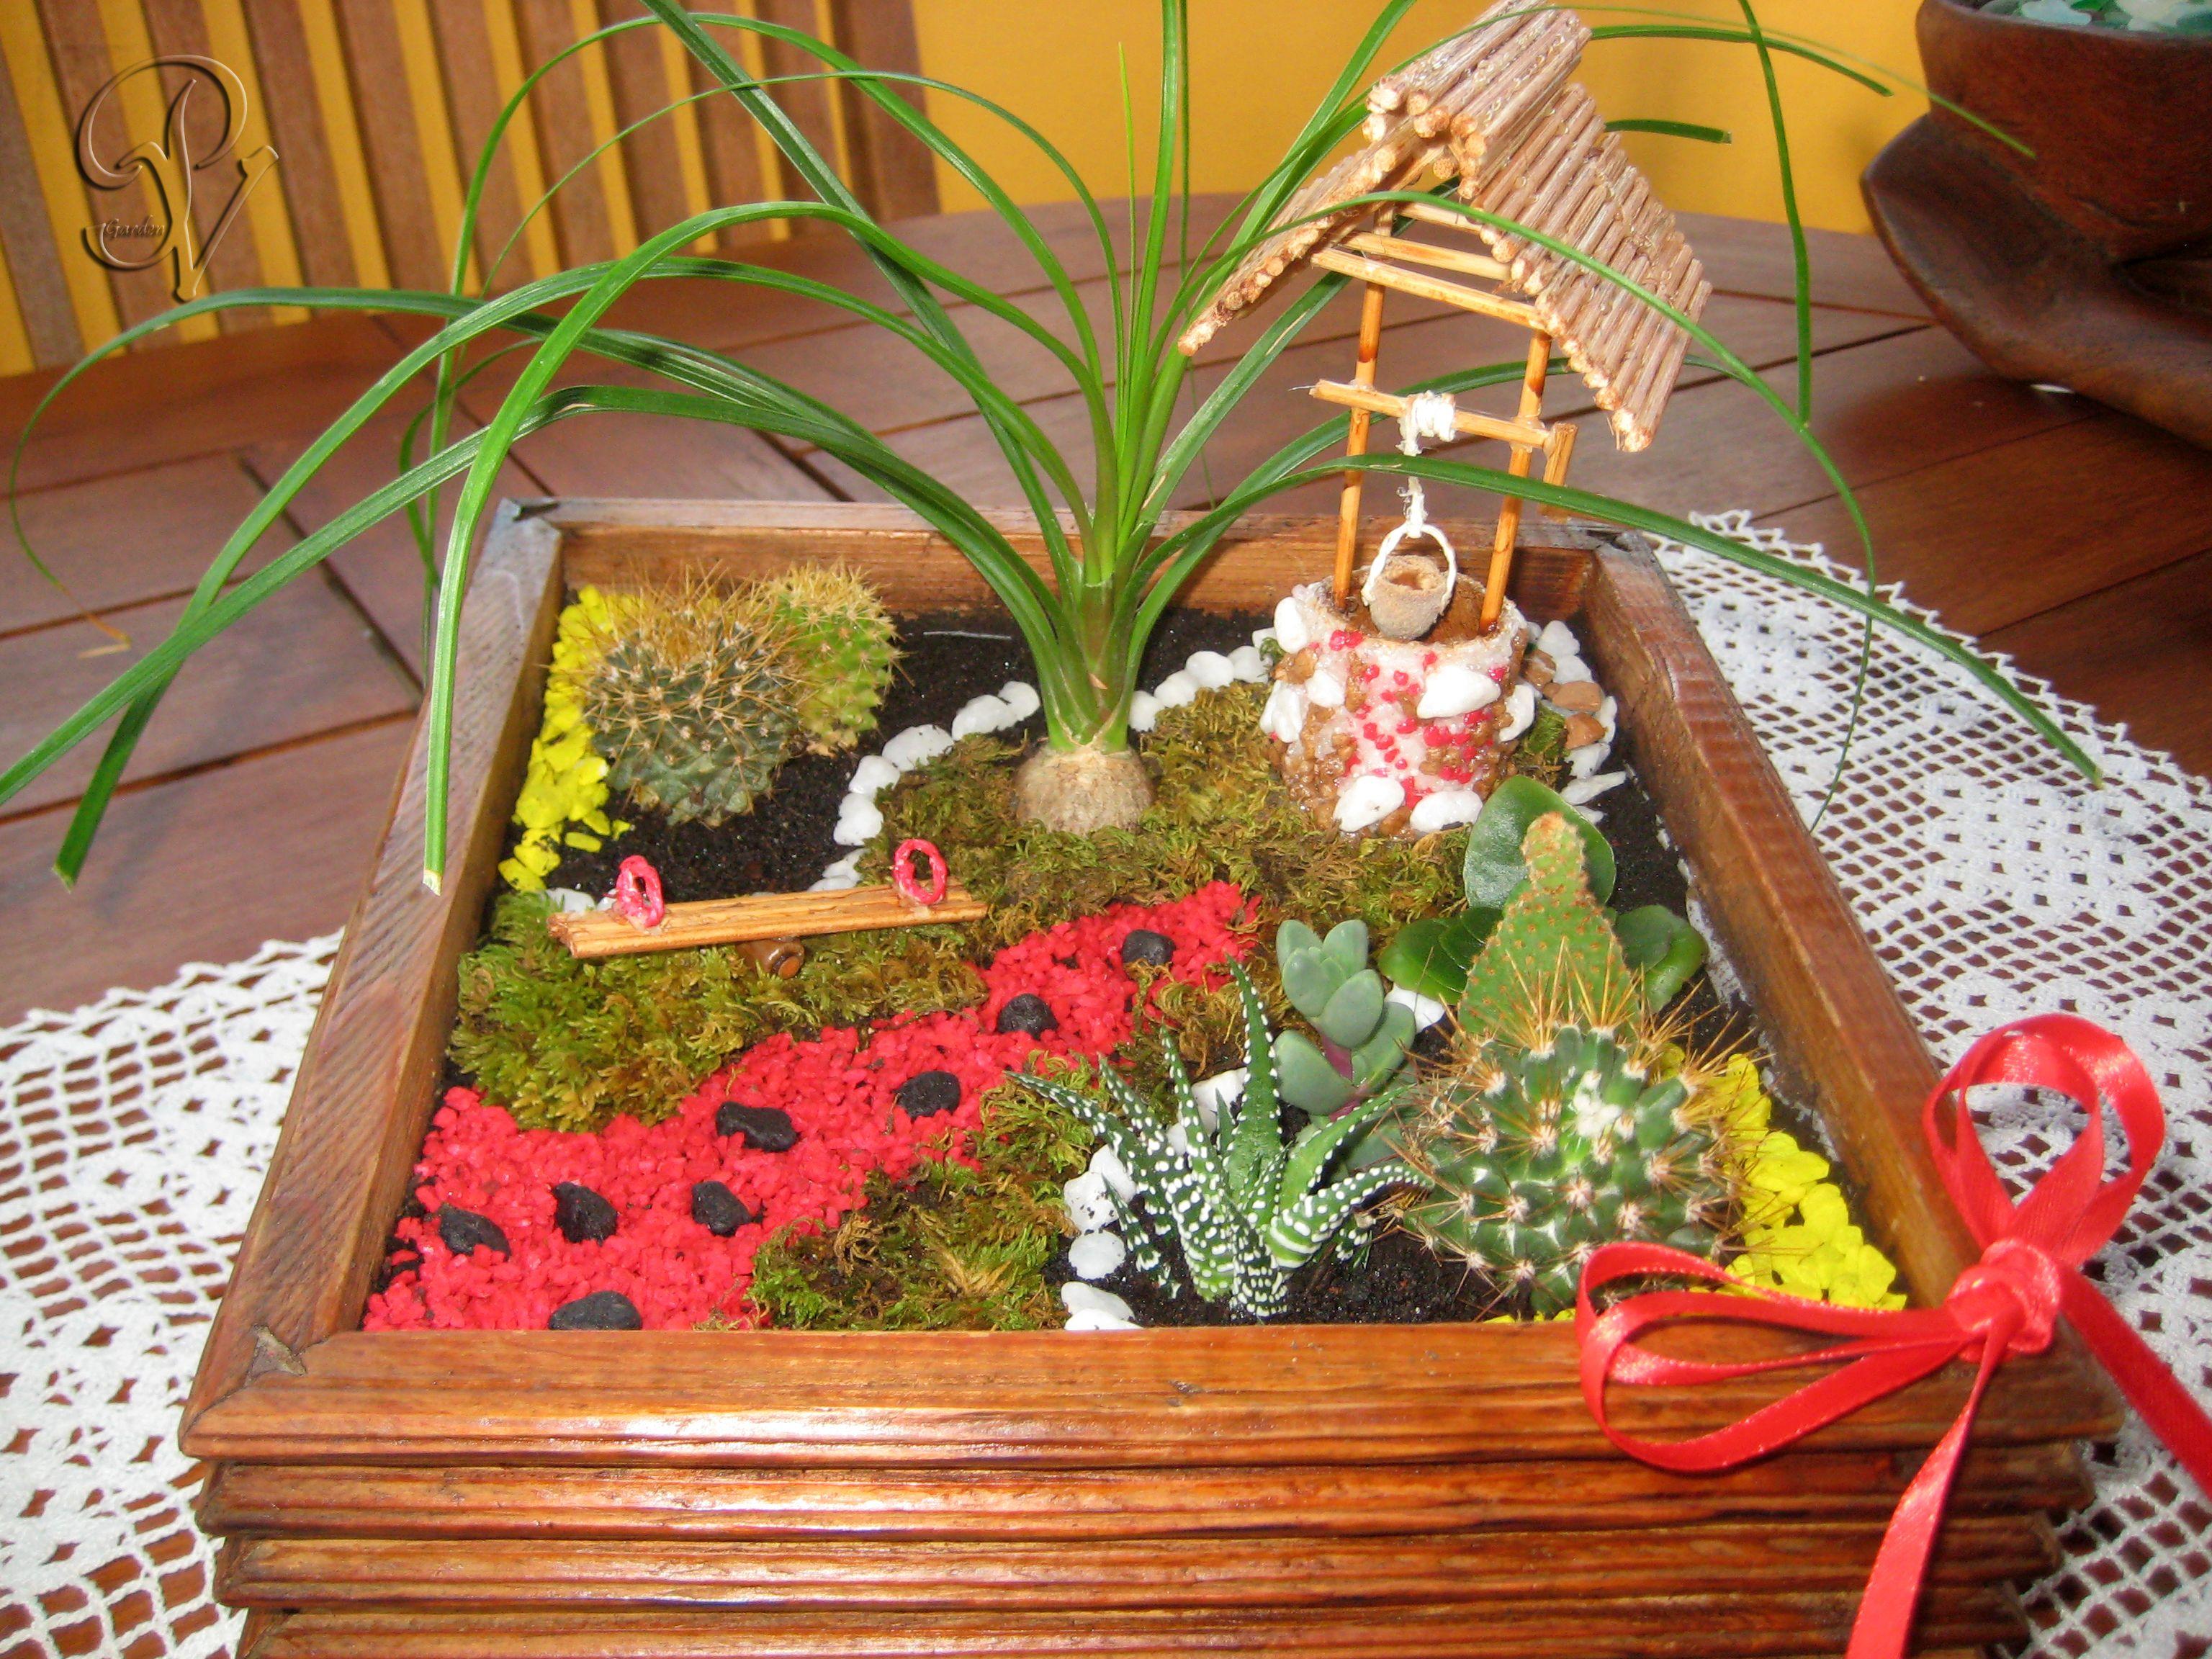 Giardino vintage e giardino giapponese in miniatura for Giardini in miniatura giapponesi